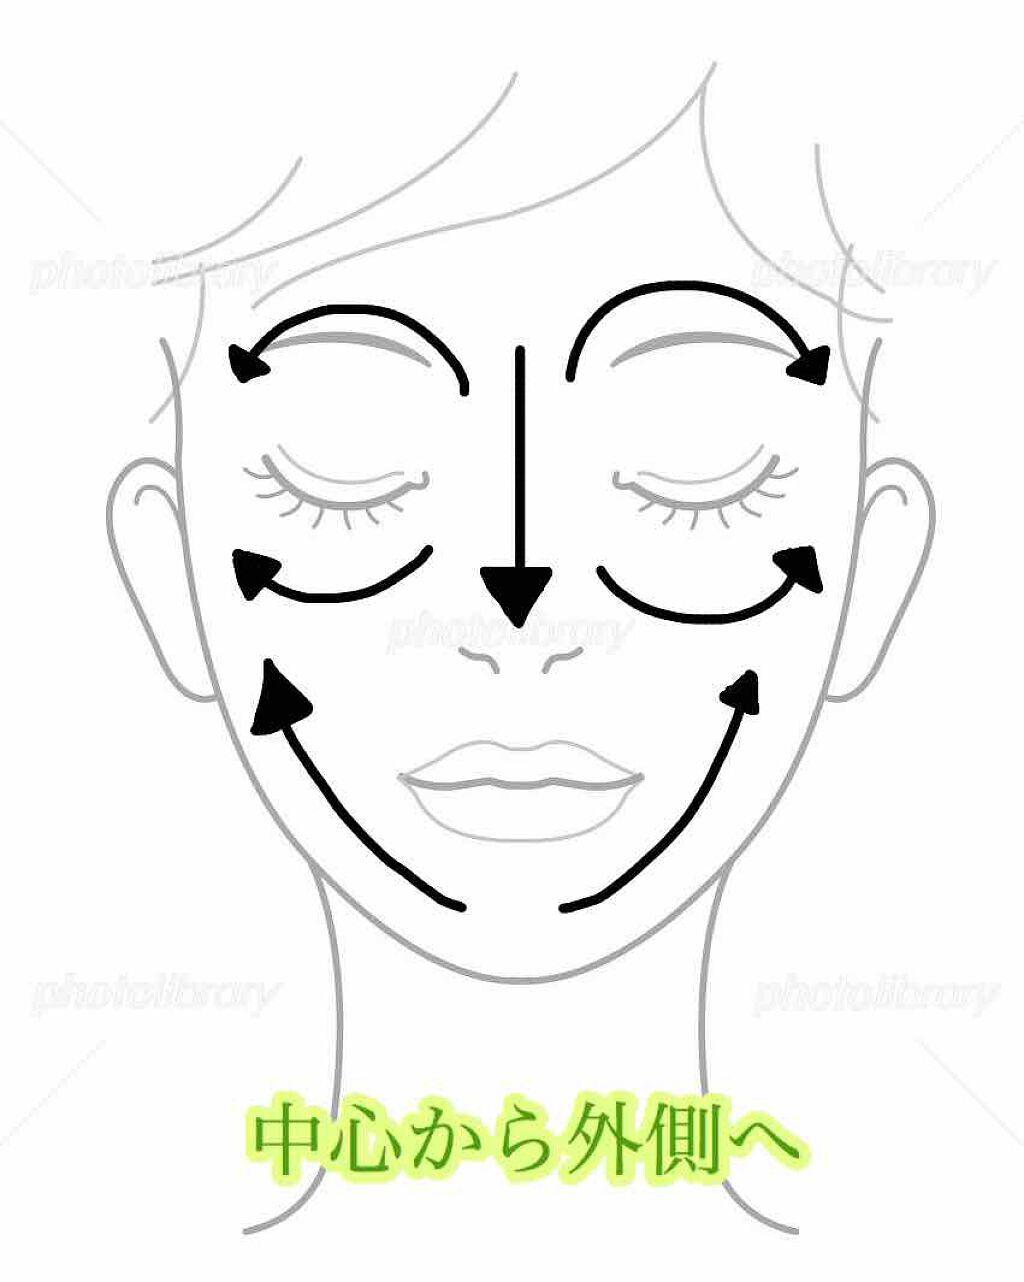 「化粧水は使い方で素肌が変わる!手とコットンの正しい塗り方&ケア法|悩み別おすすめ化粧水17選」の画像(#142489)